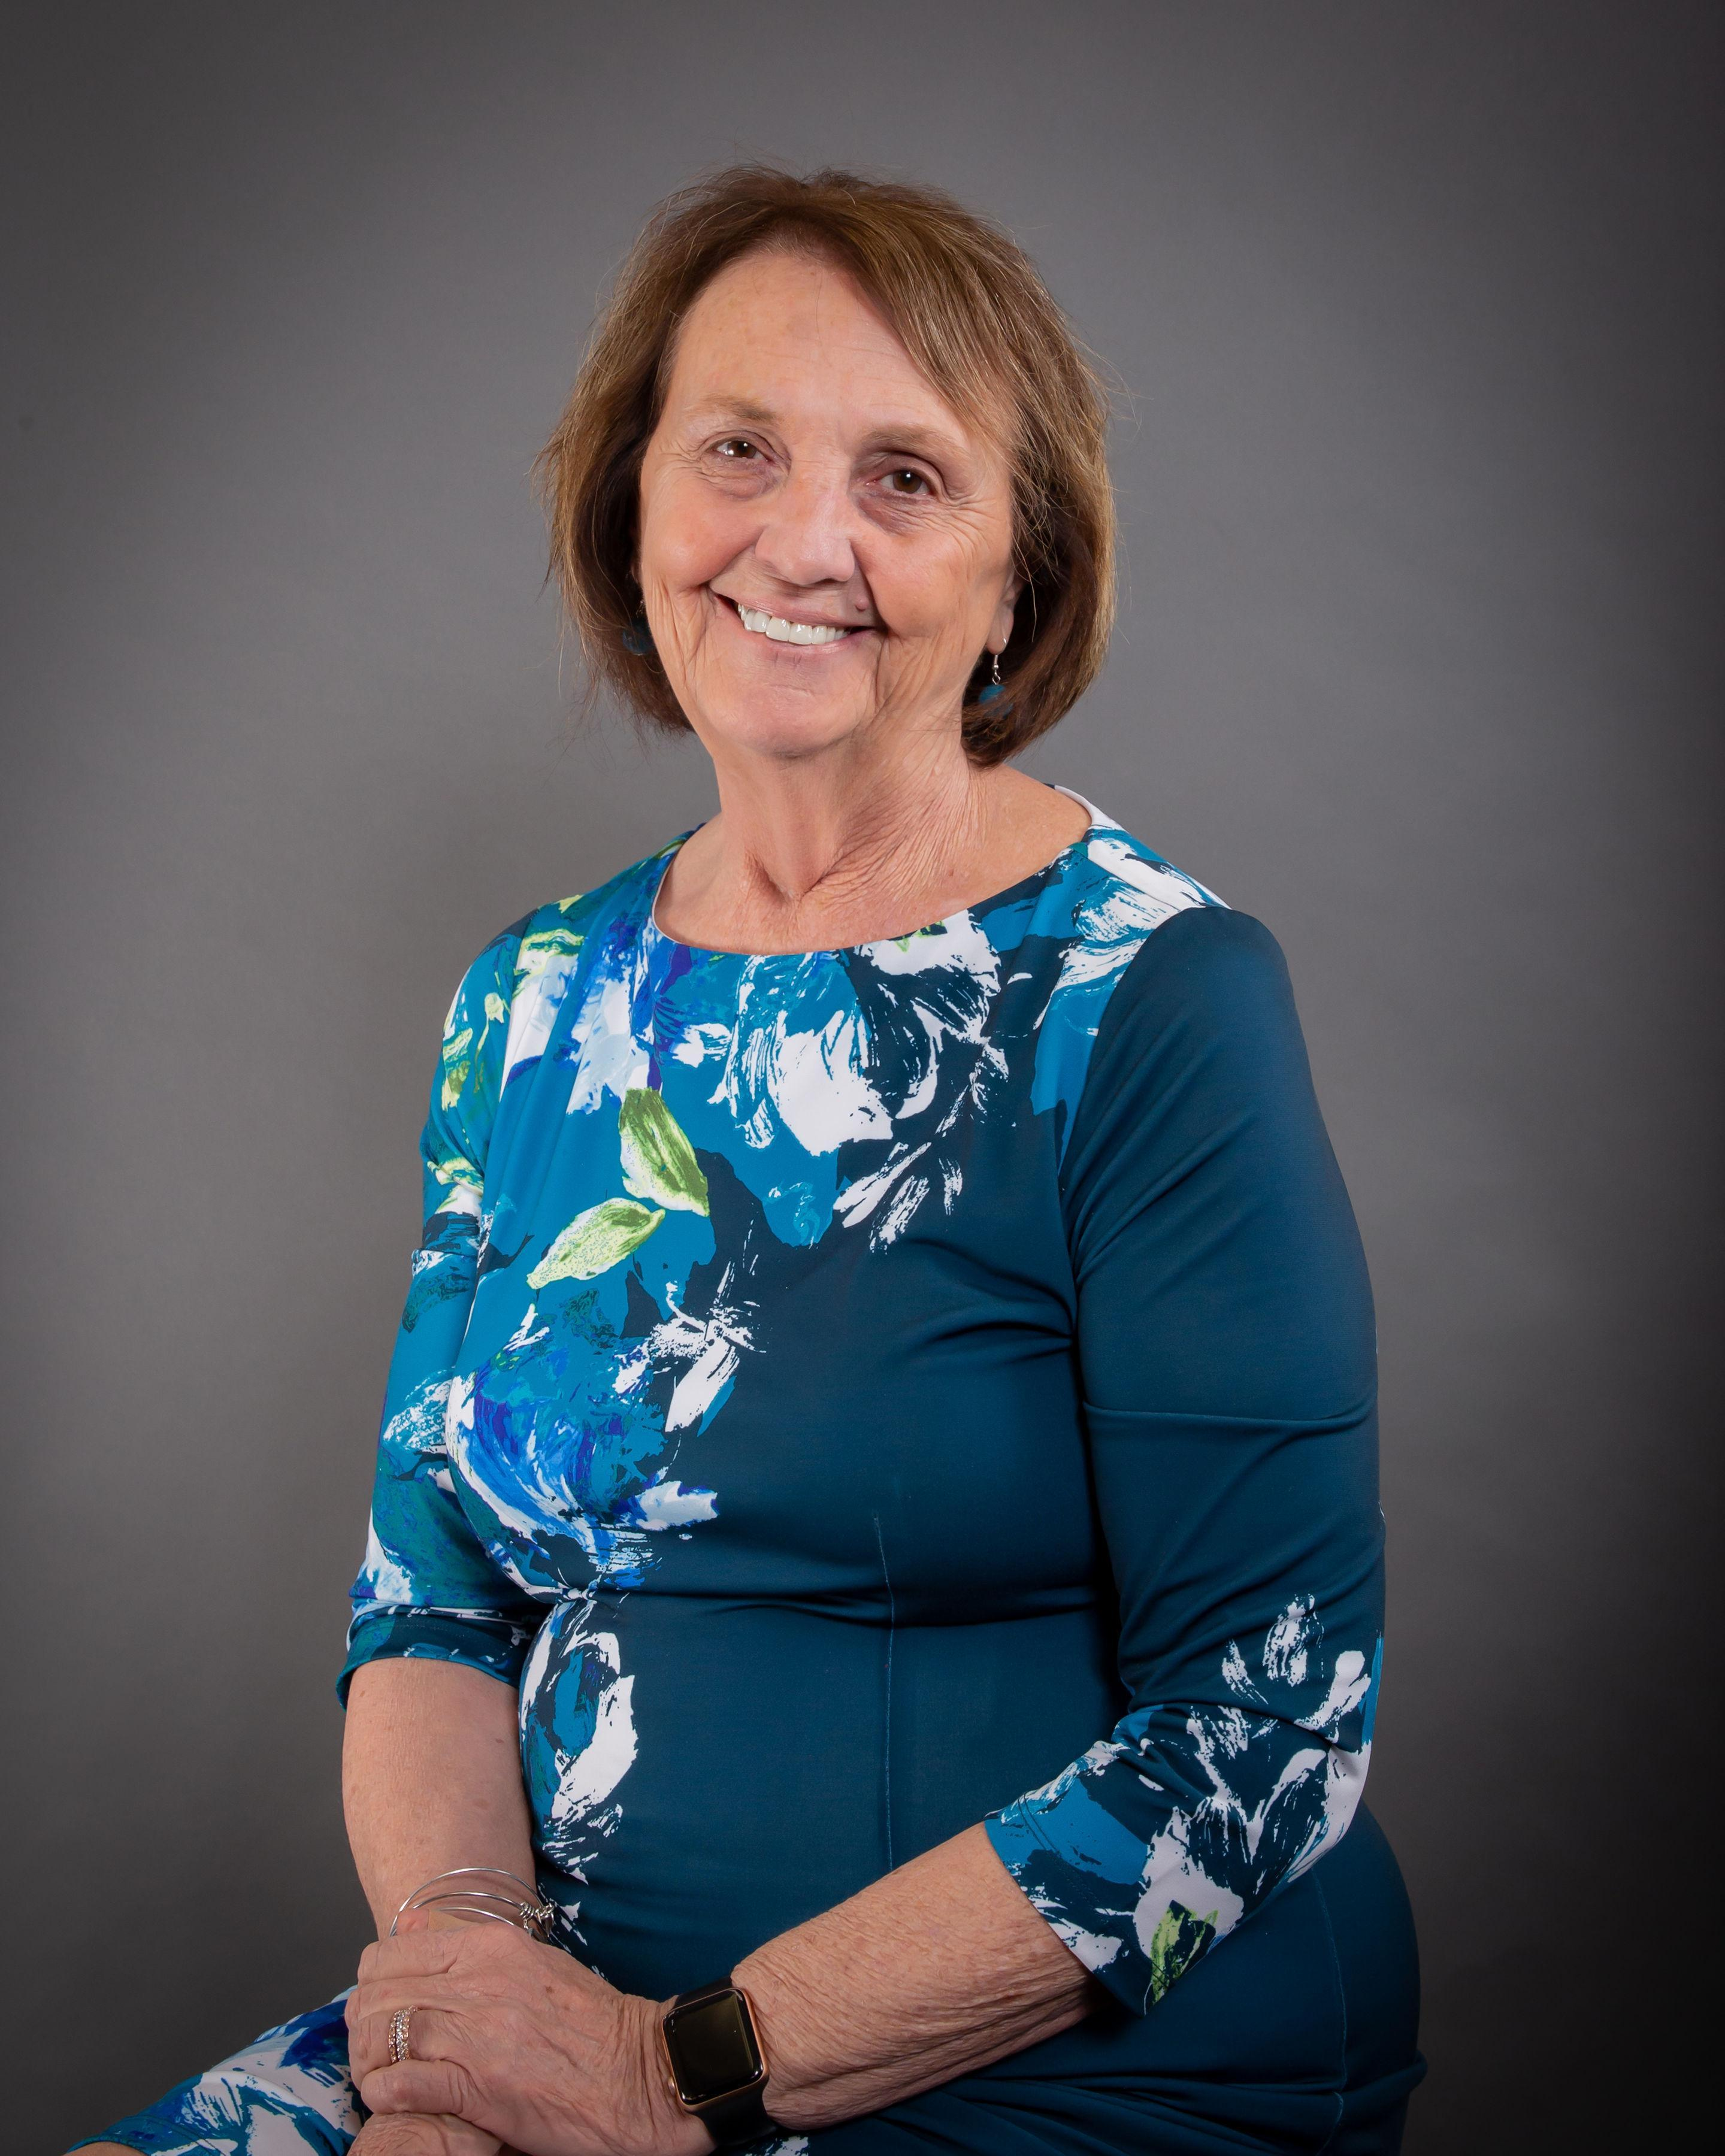 Dr. Sharon Raffiee